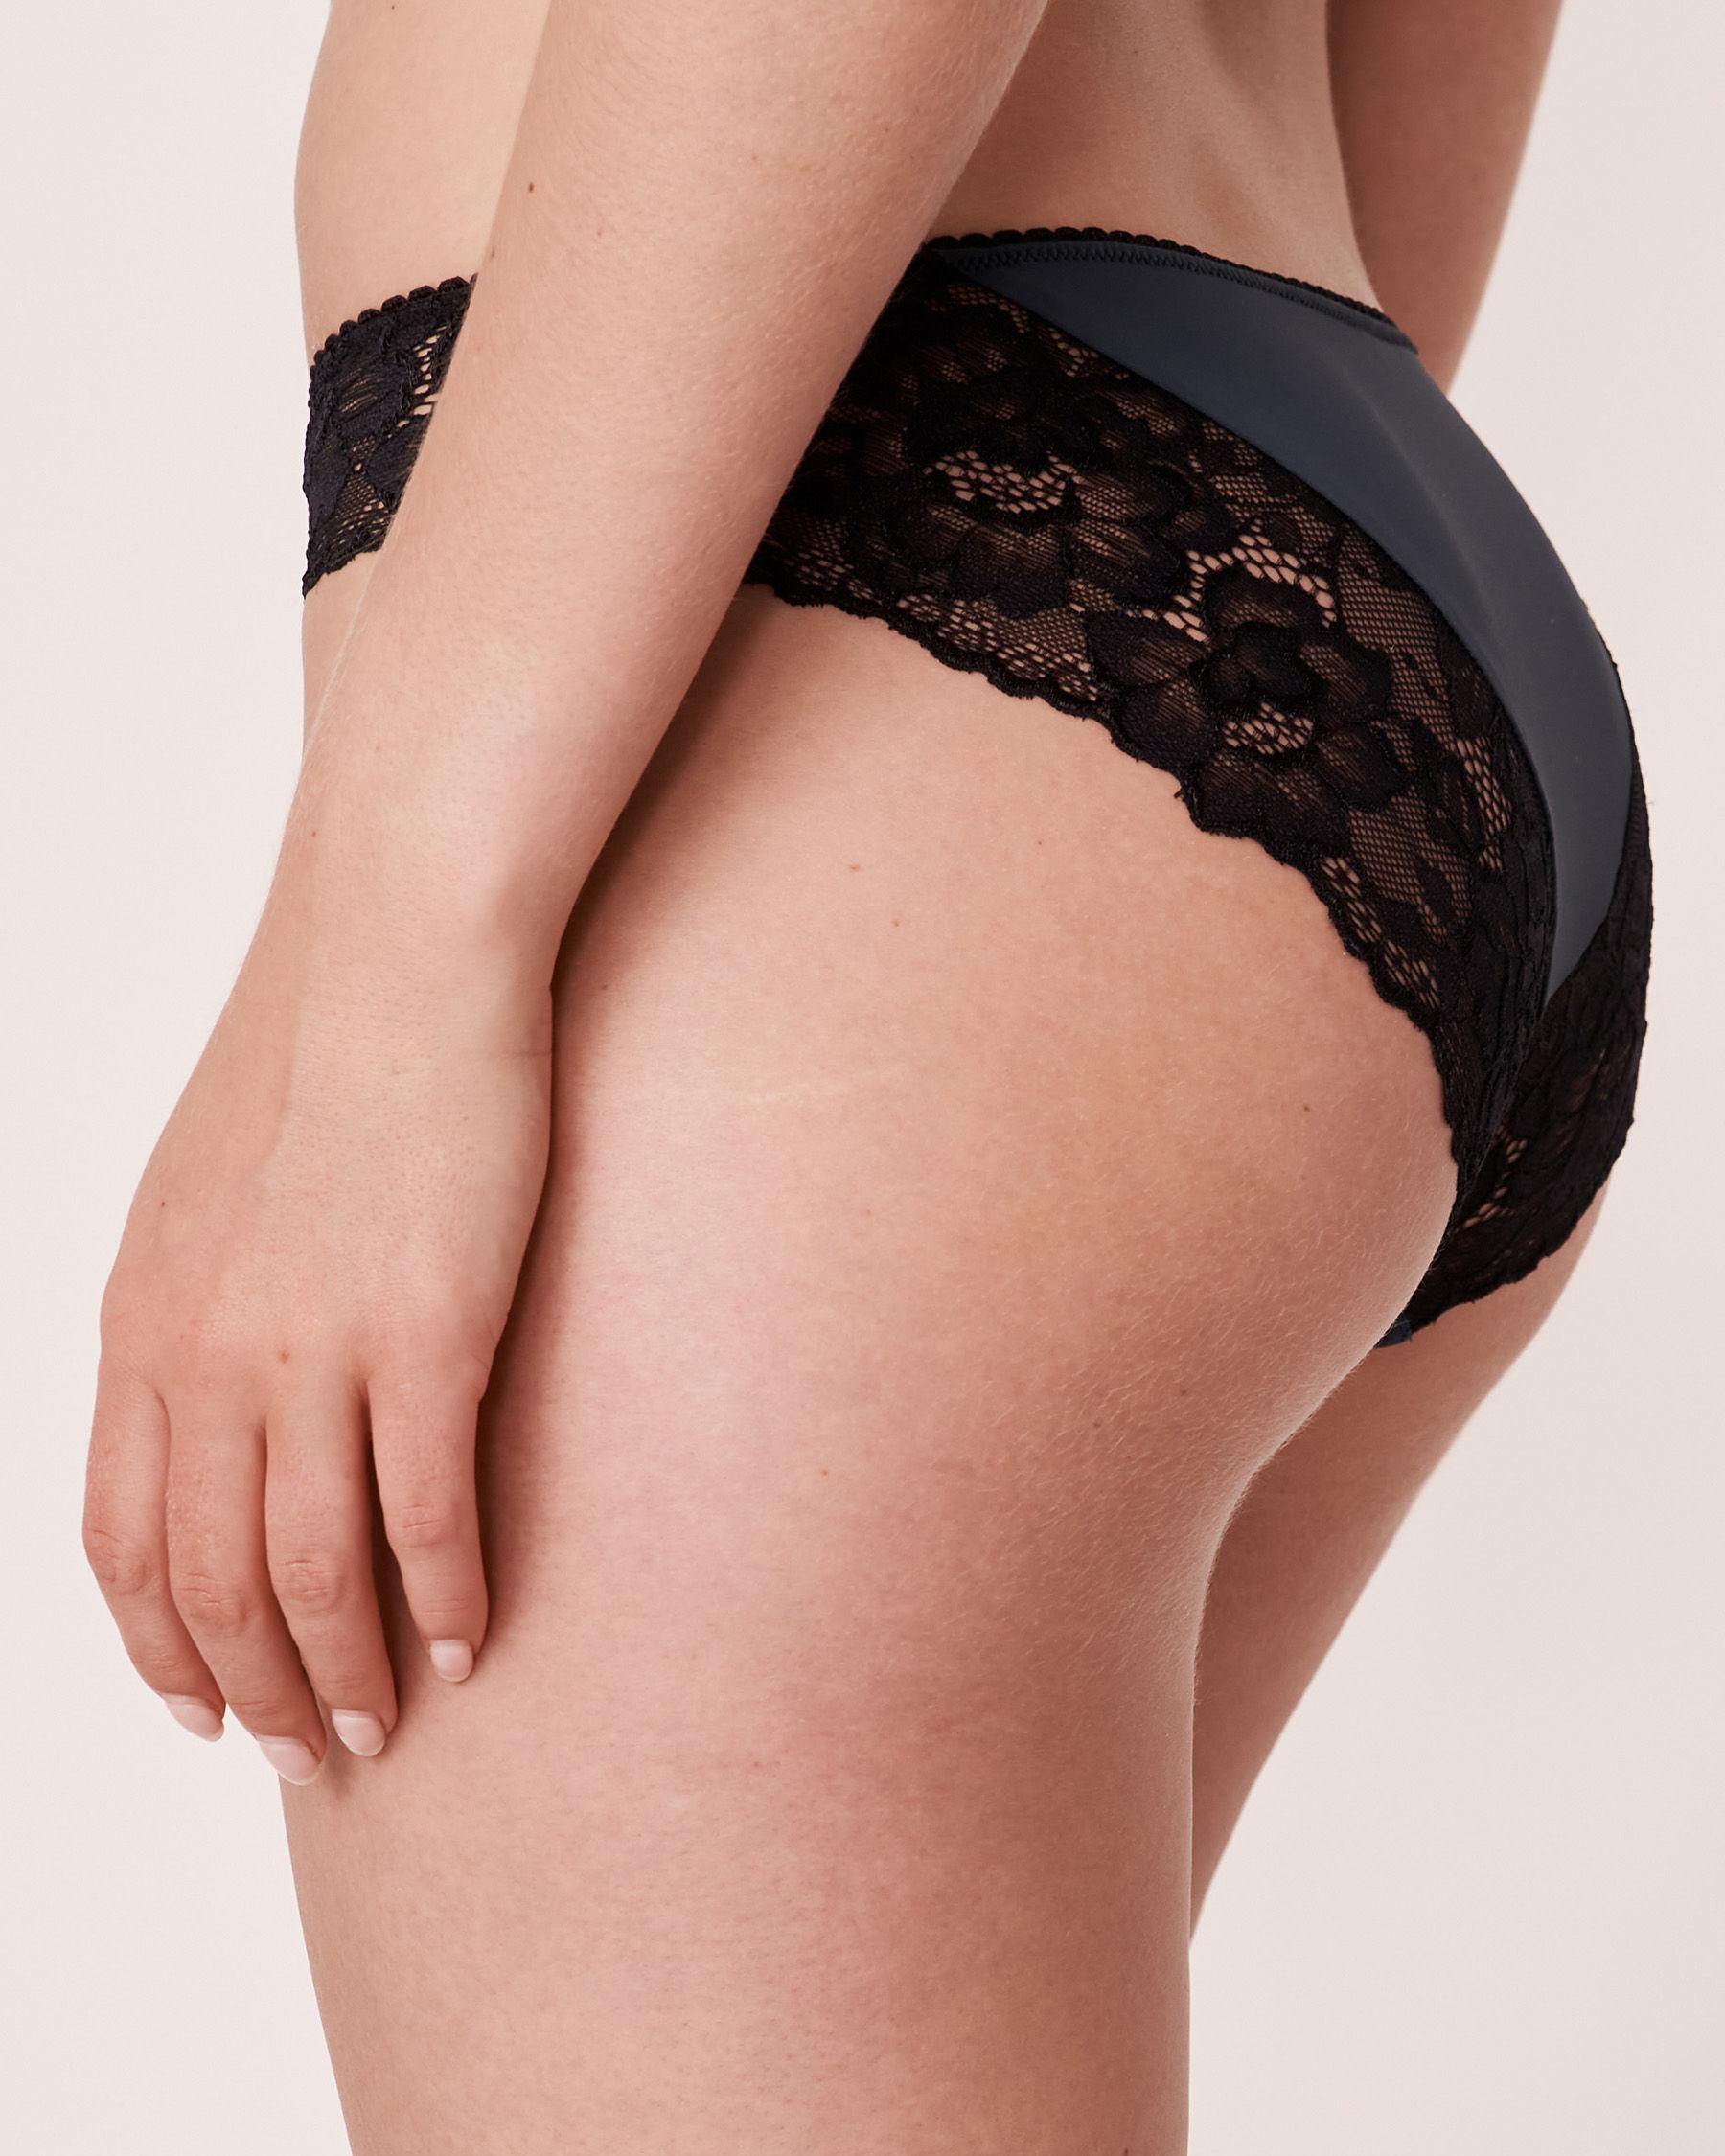 LA VIE EN ROSE Bikini Panty Navy 20200052 - View2